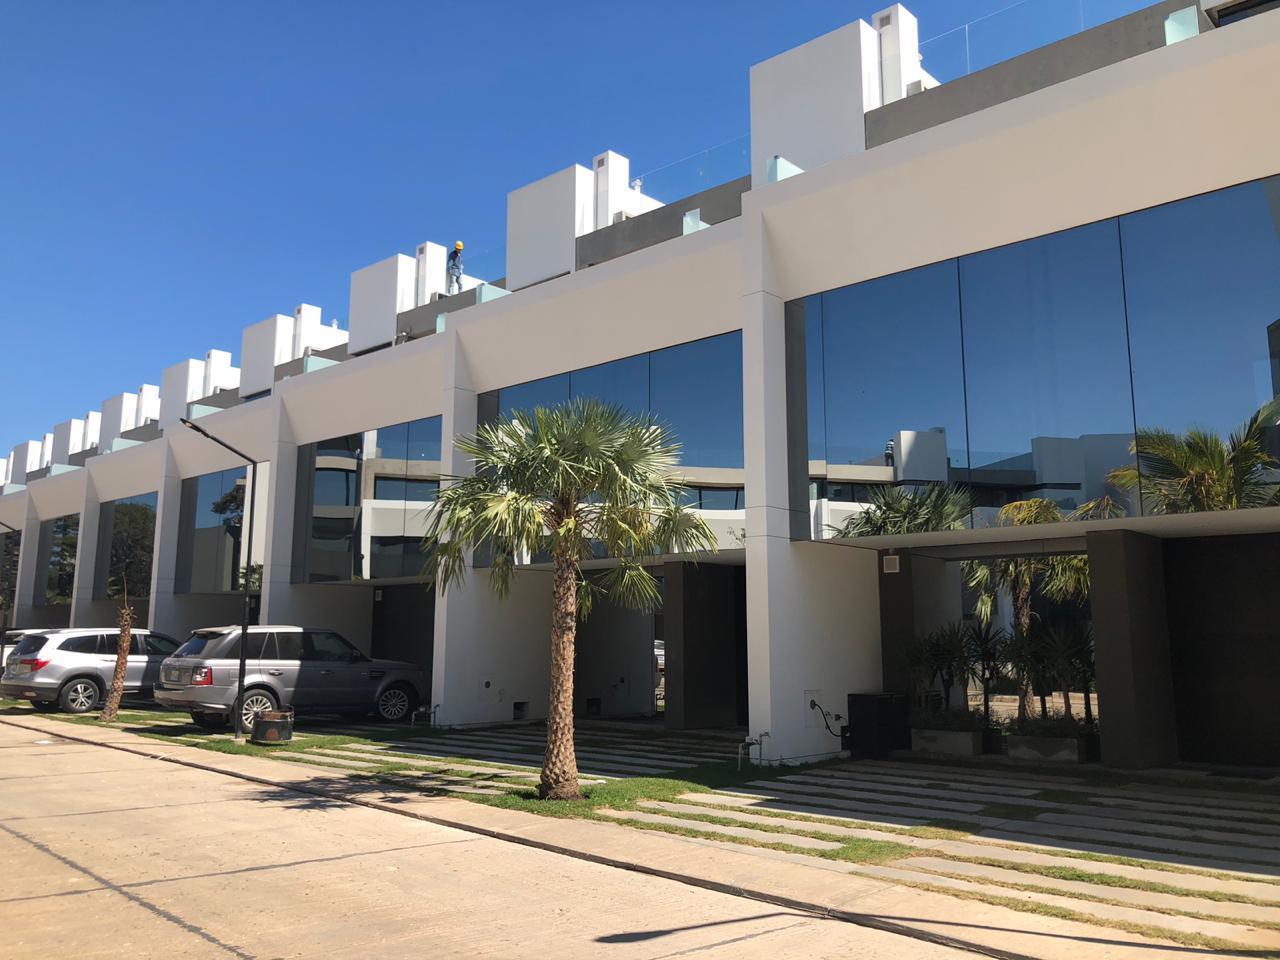 Casa en Alquiler CASA EN ALQUILER, CONDOMINIO COSTANERA BLUE Foto 1